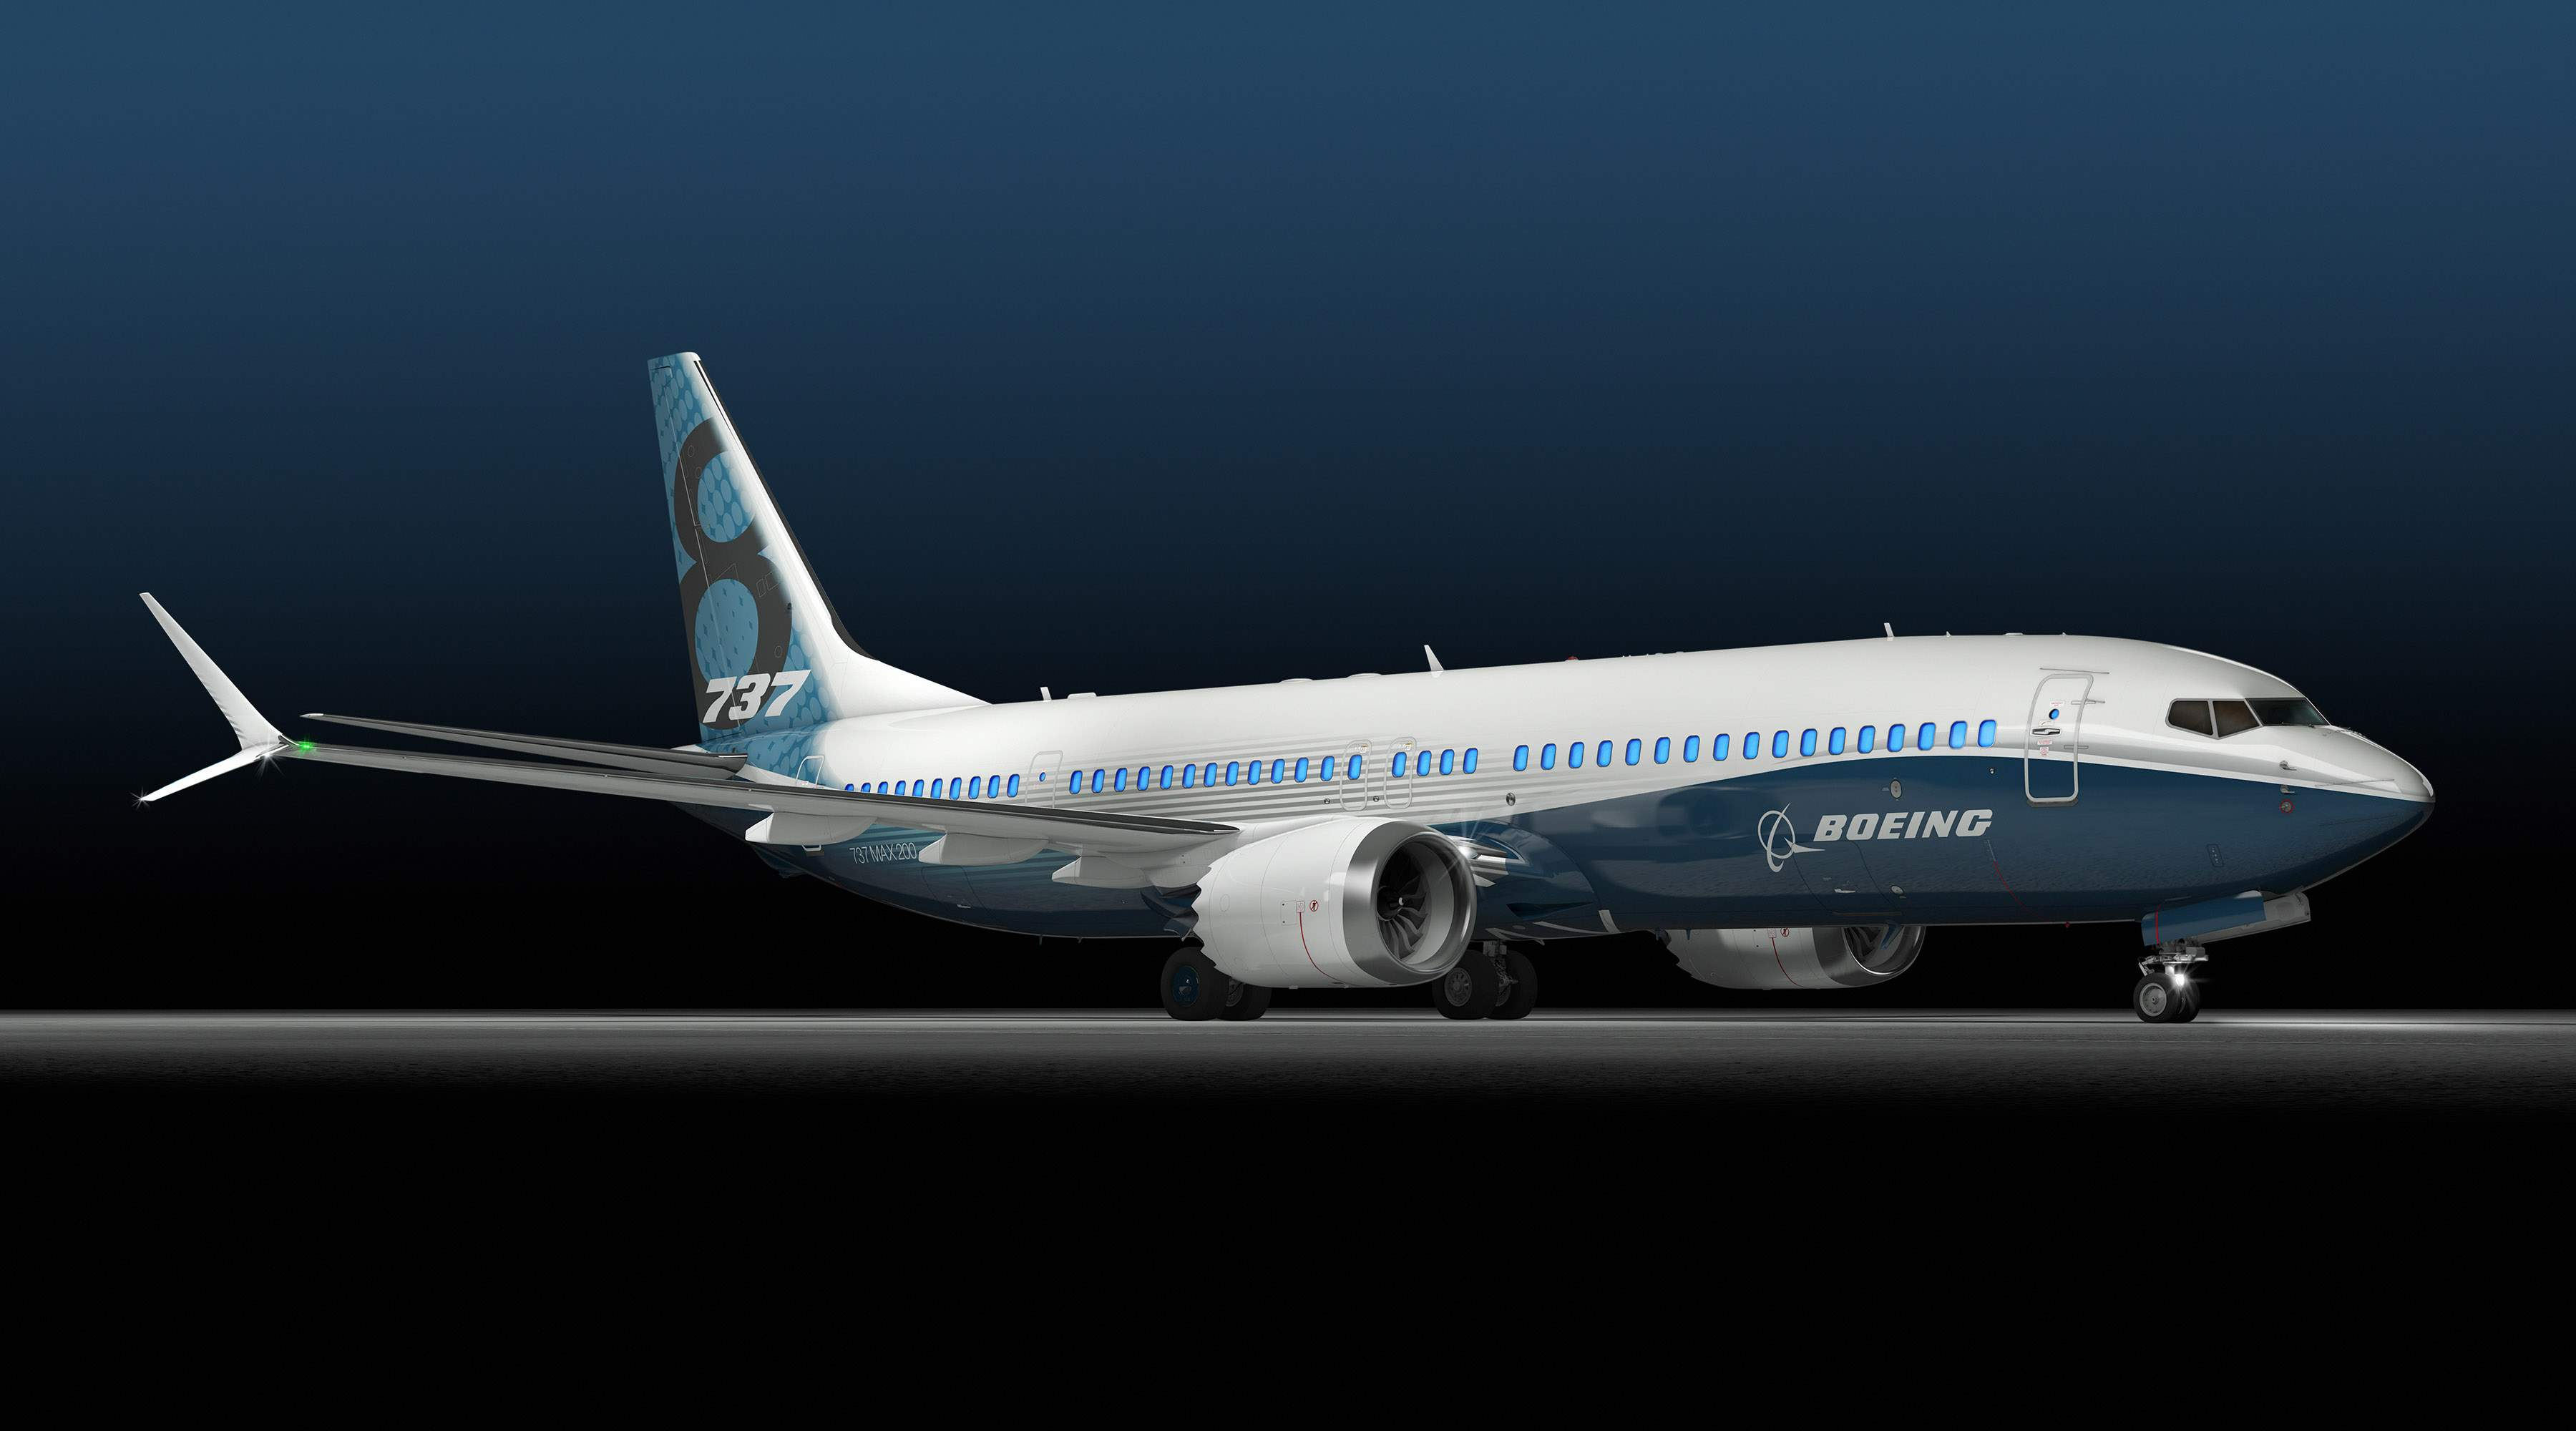 霍尼韦尔为波音737 MAX机队提供驾驶舱技术